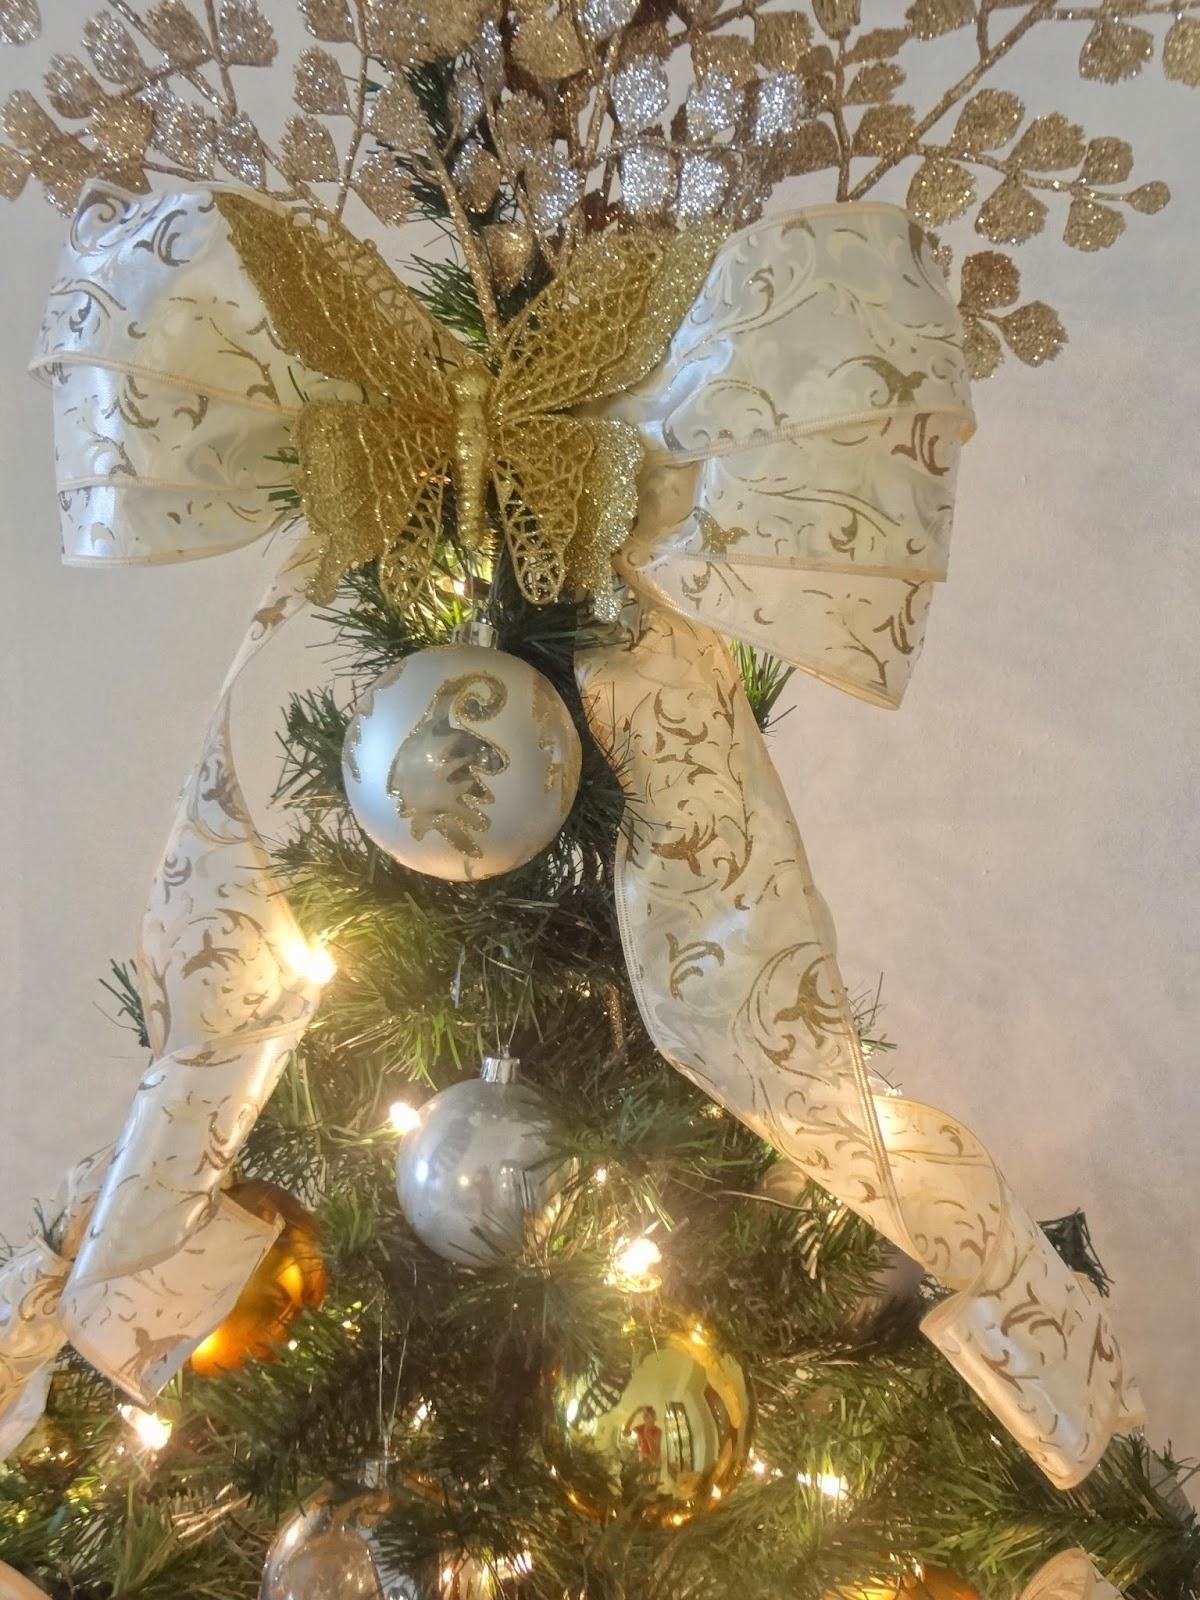 decoracao arvore de natal vermelha e dourada : decoracao arvore de natal vermelha e dourada:Resolvi brincar com alguns filtros da minha máquina..rs.adorei